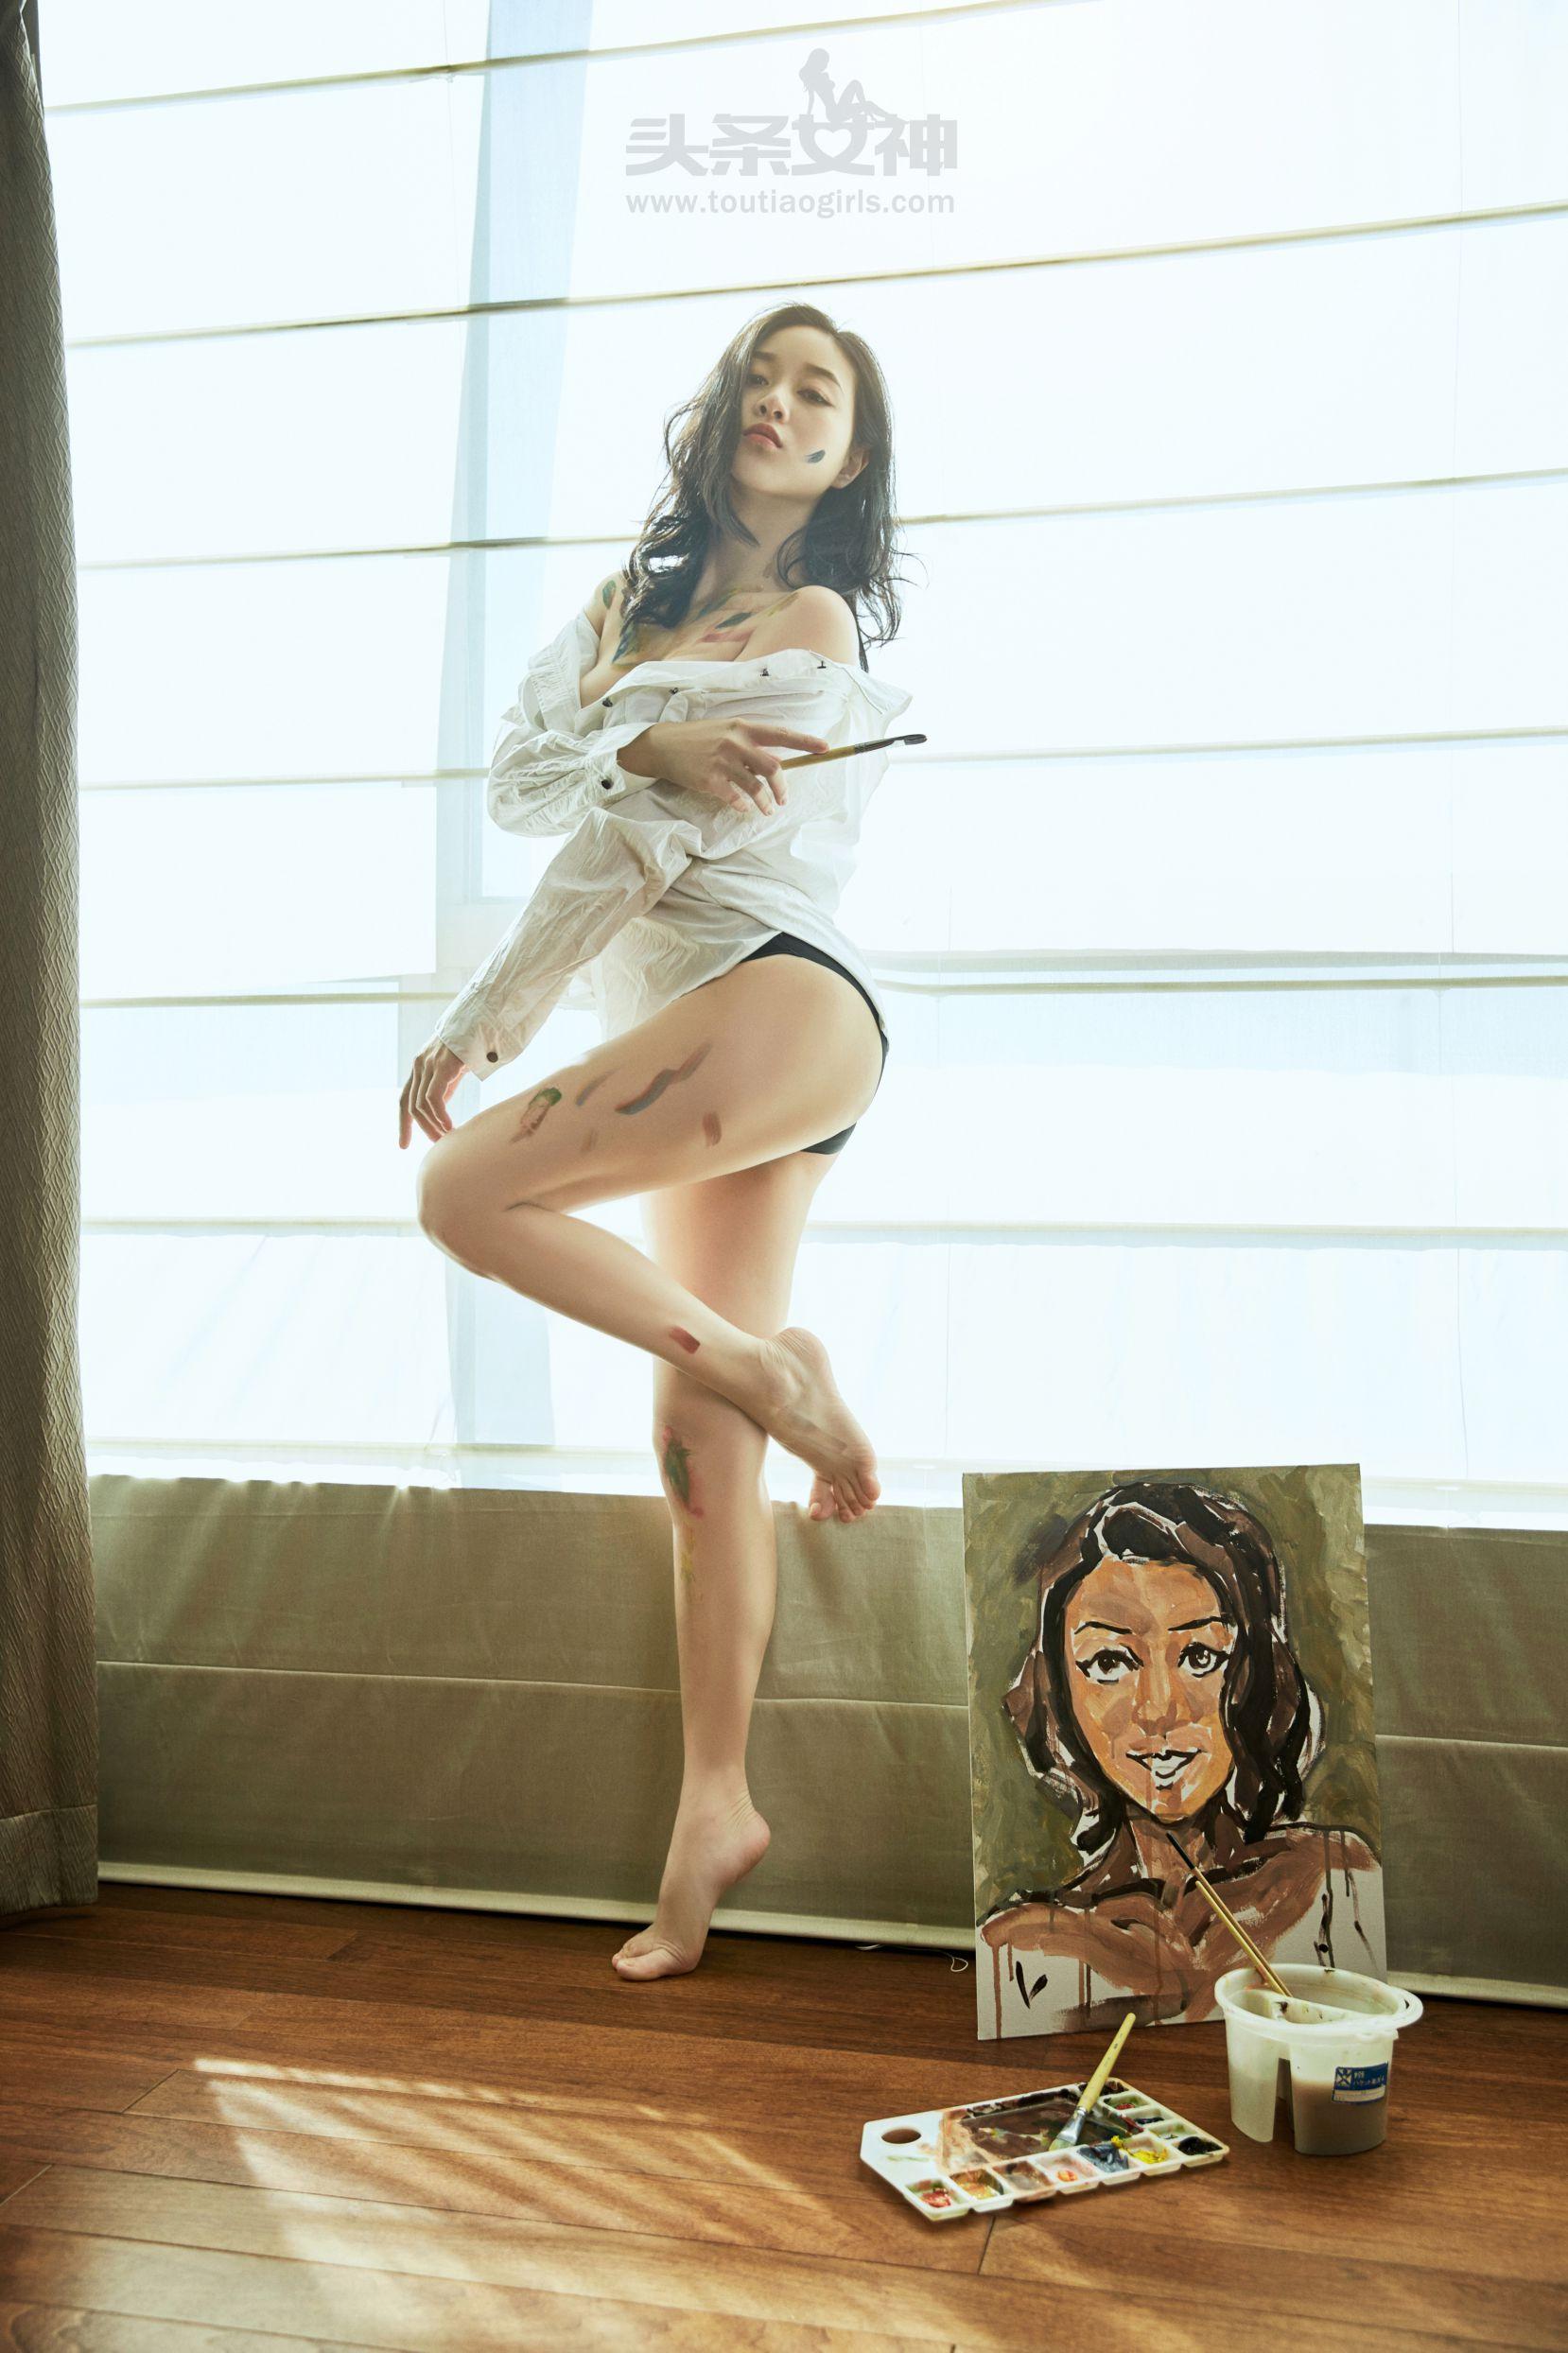 张梓然 - 画中的维纳斯 写真图片